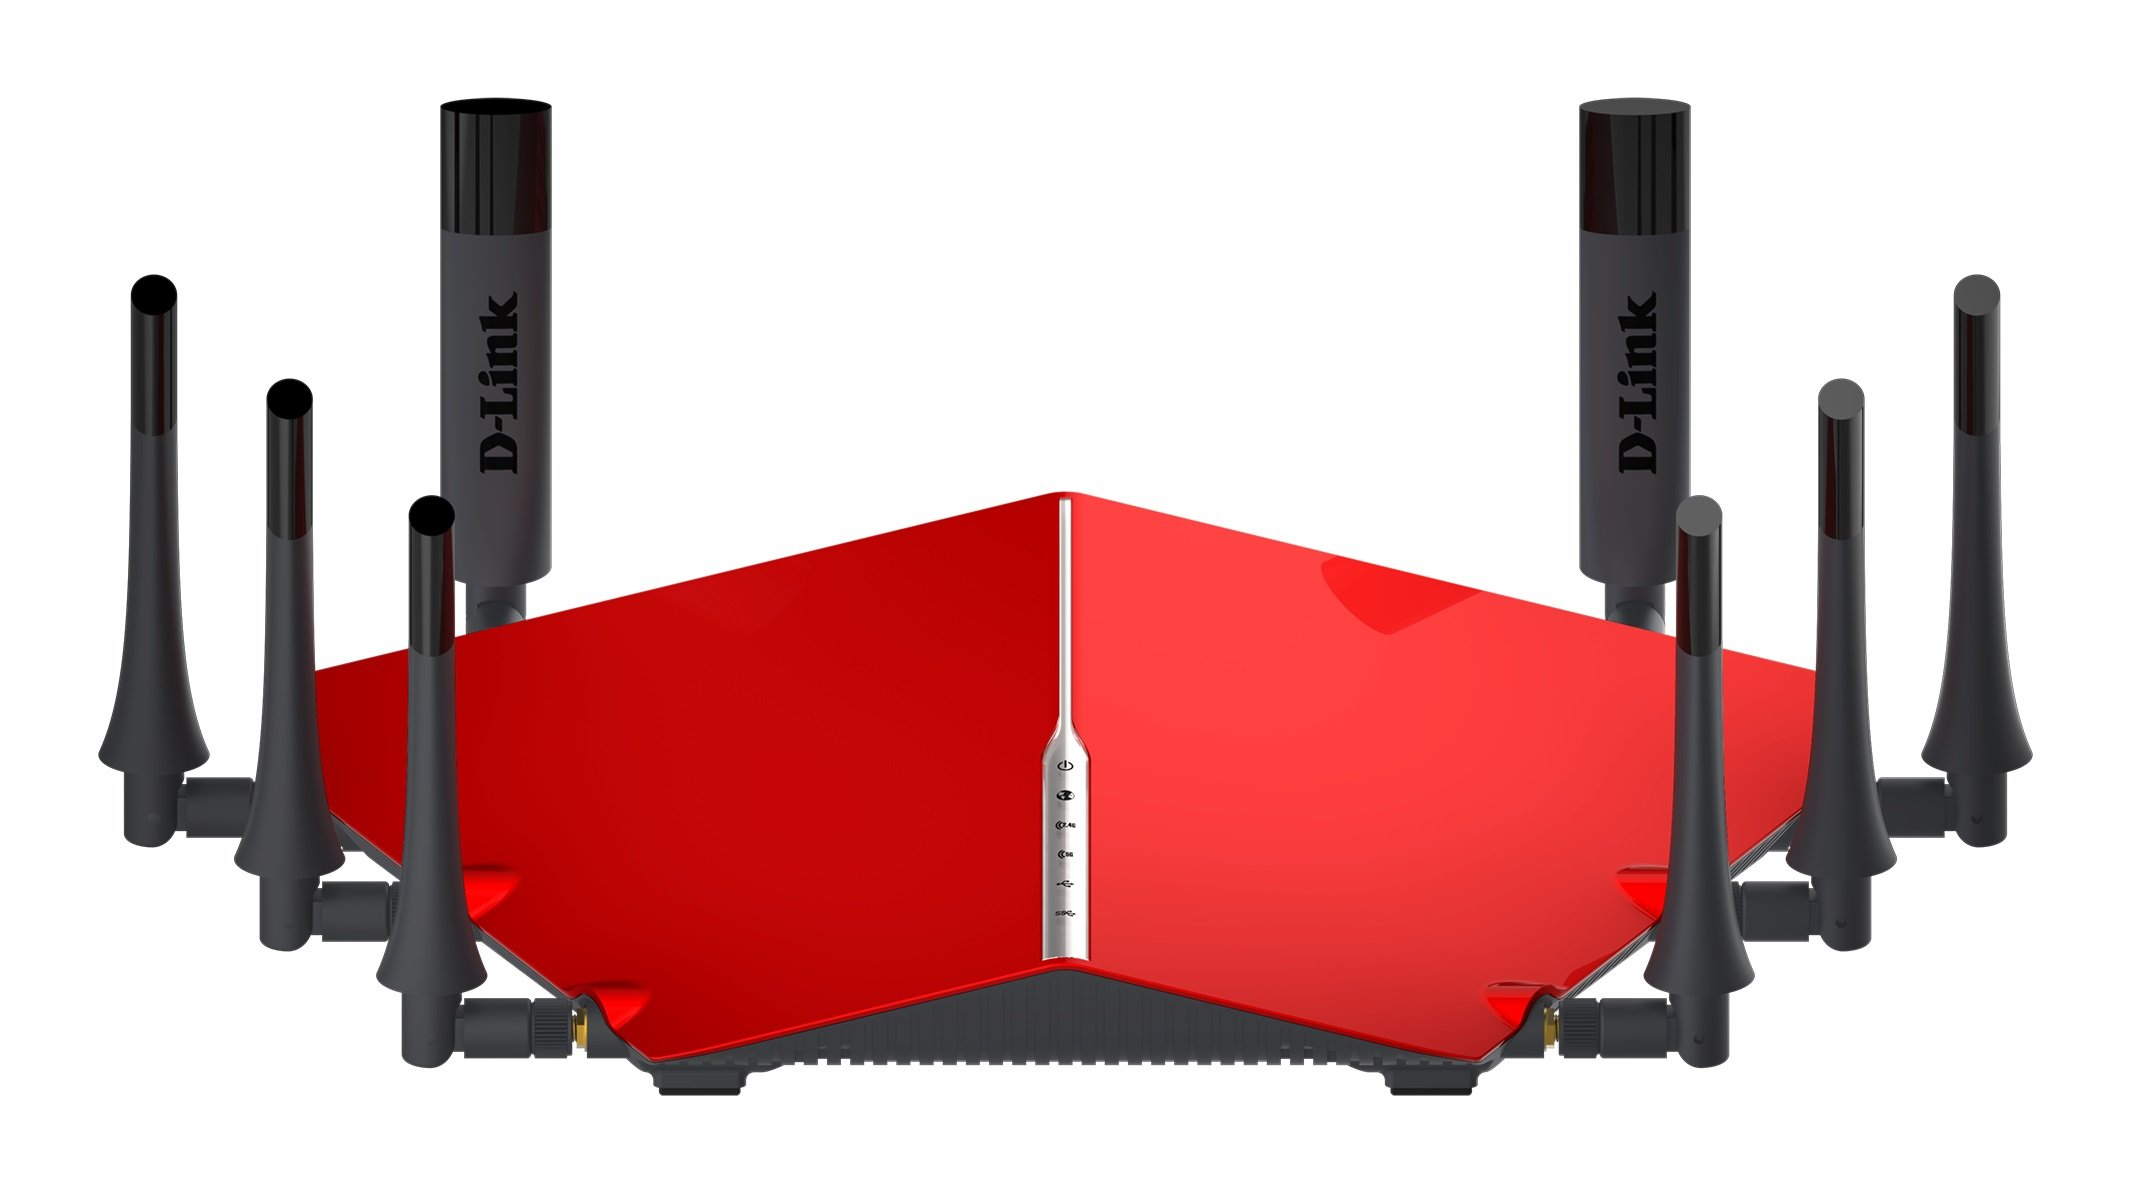 D-Link DIR-895L AC3500 Ultra WiFi Router